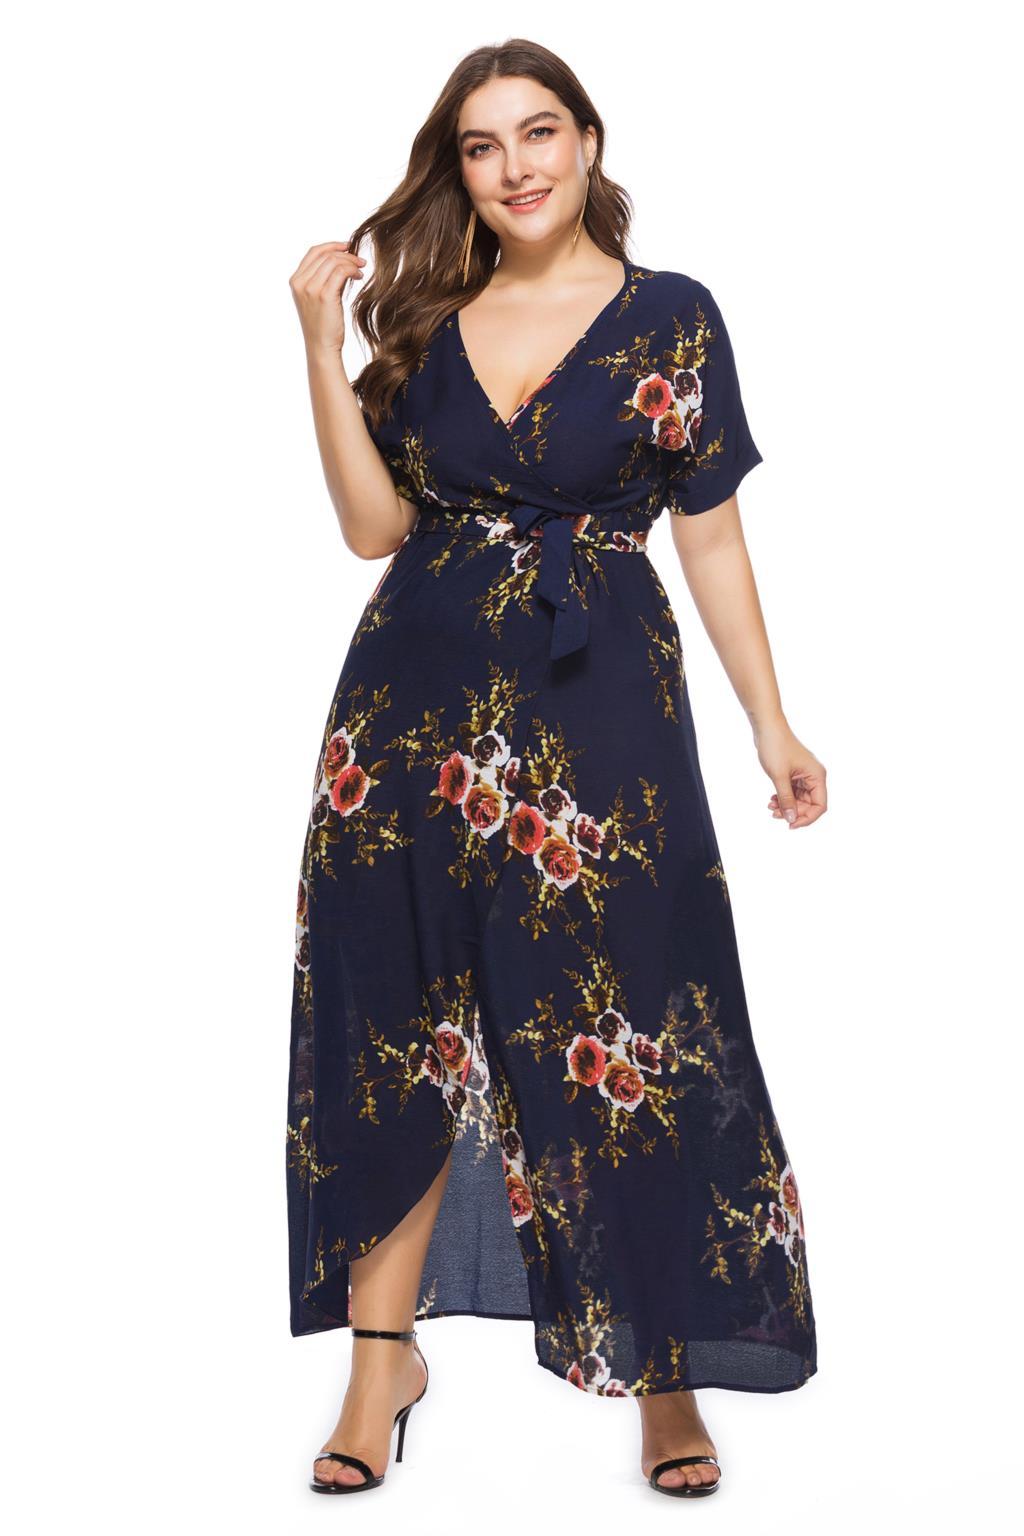 4490fb76919 ... платье плюс размер длинное платье цветочный Лето для женщин 2018 глубокий  v-образный вырез с коротким рукавом Пояса принт Империя сексуальное платье